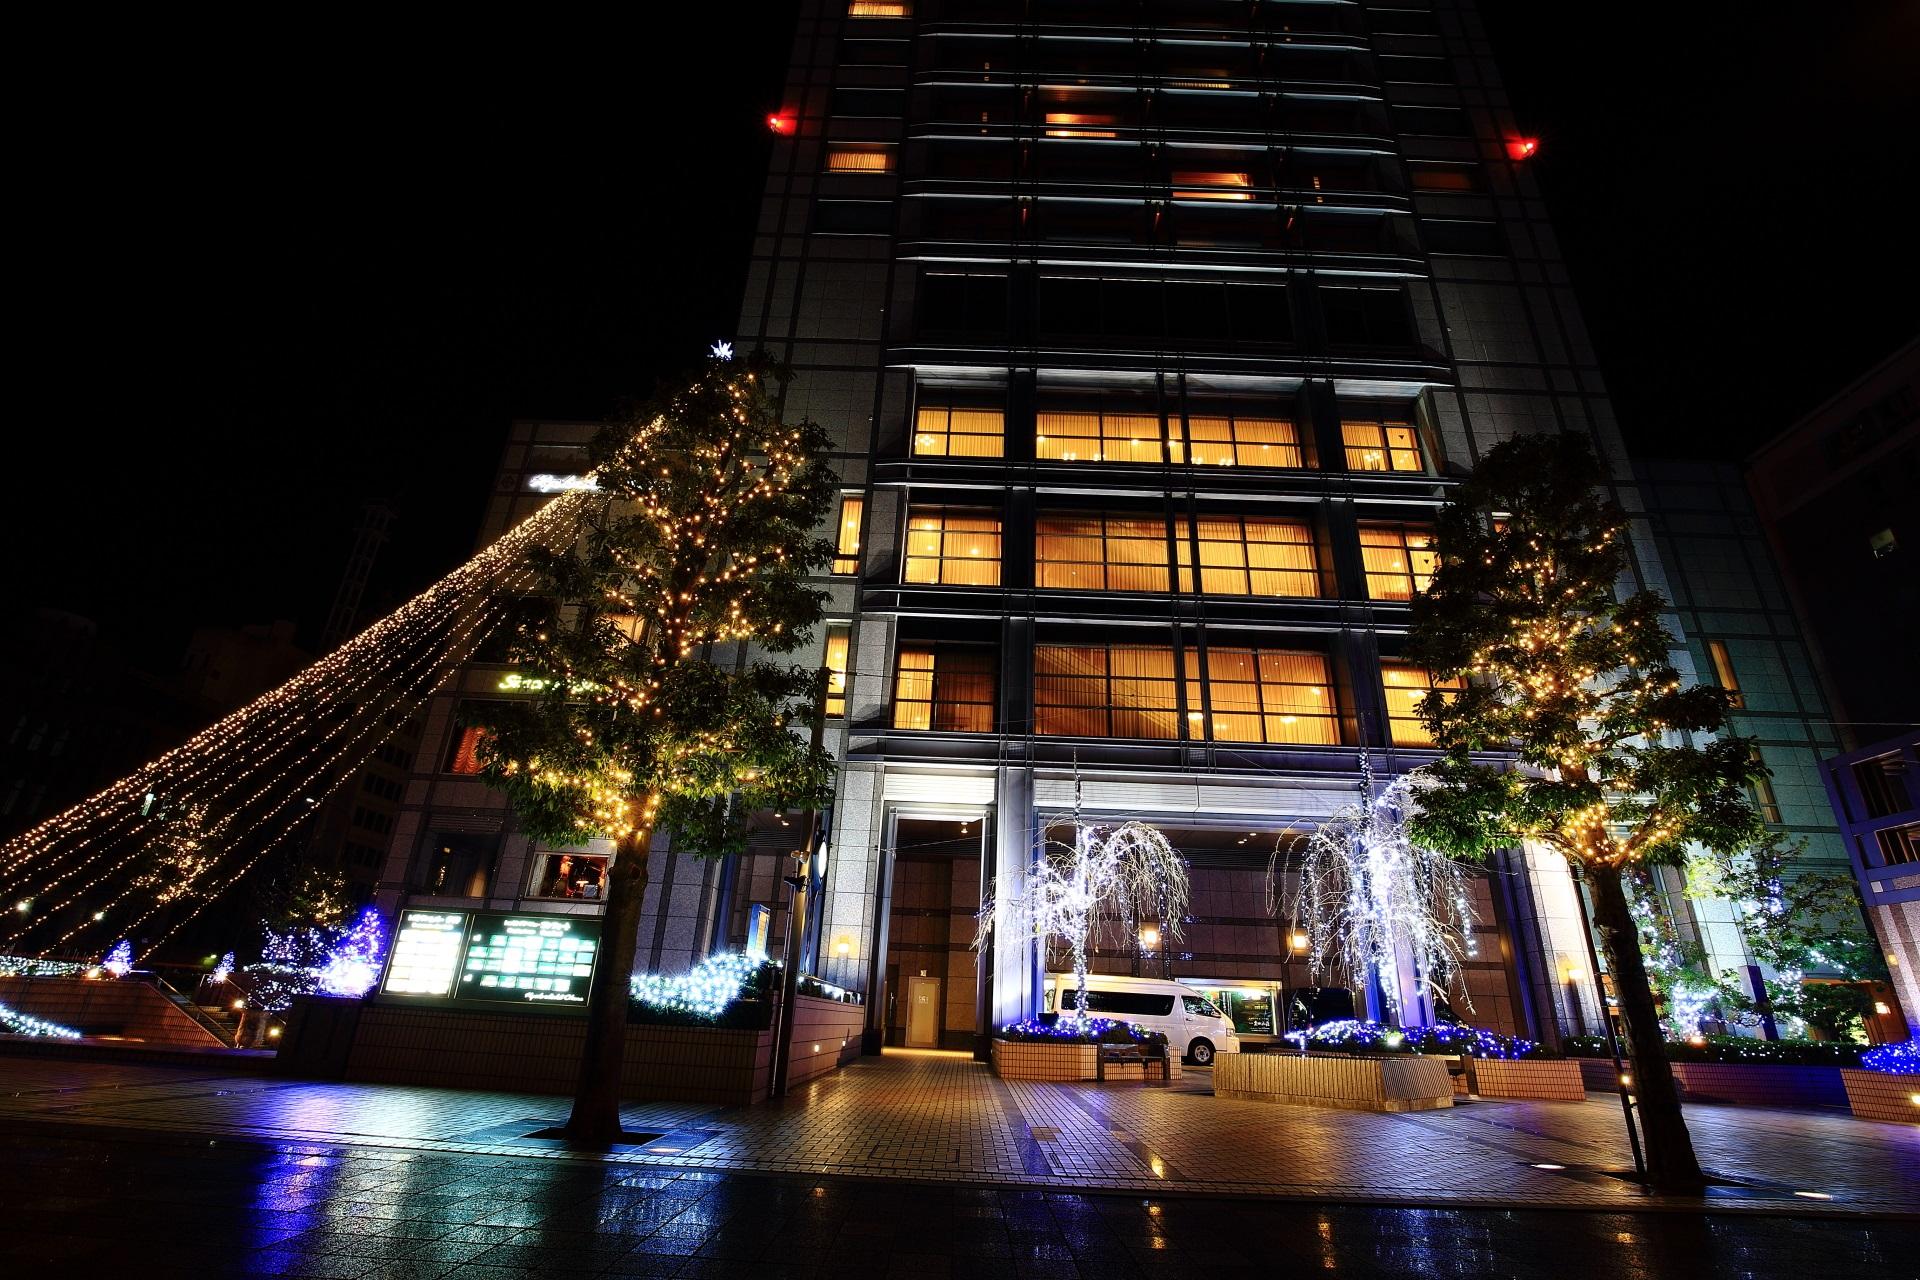 ホテルオークラの街路樹なども飾り付けがされたイルミネーション